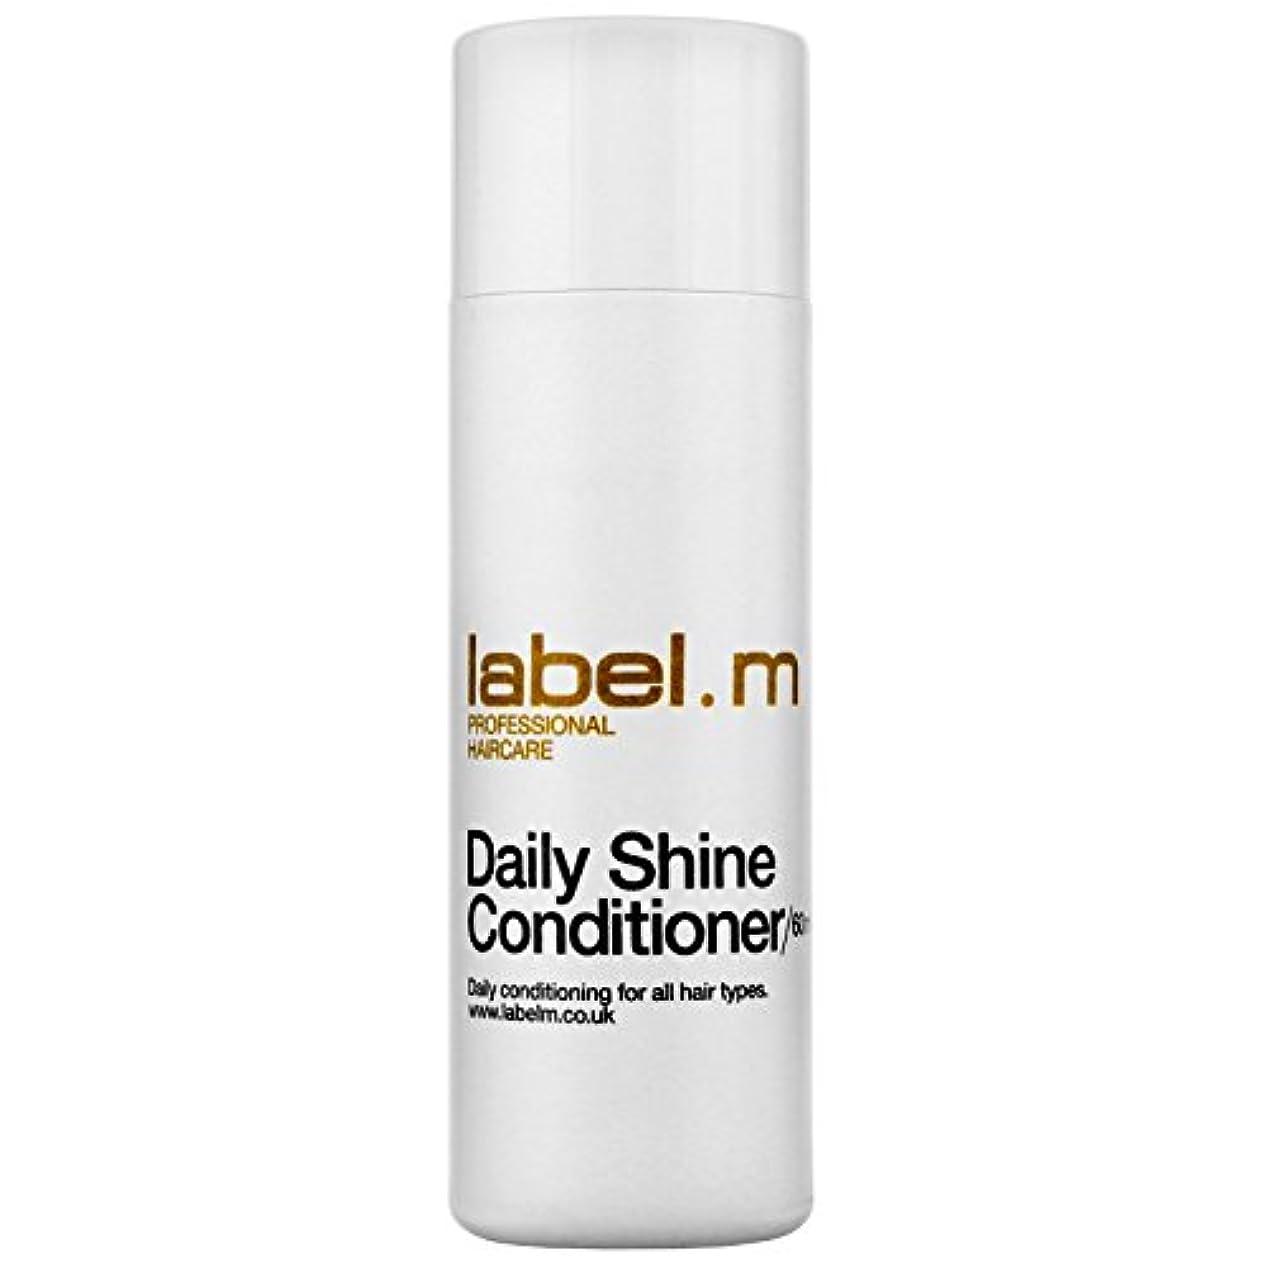 我慢する不条理ペースLabel.M Professional Haircare ラベルMデイリーシャインコンディショナー60ミリリットルによって条件